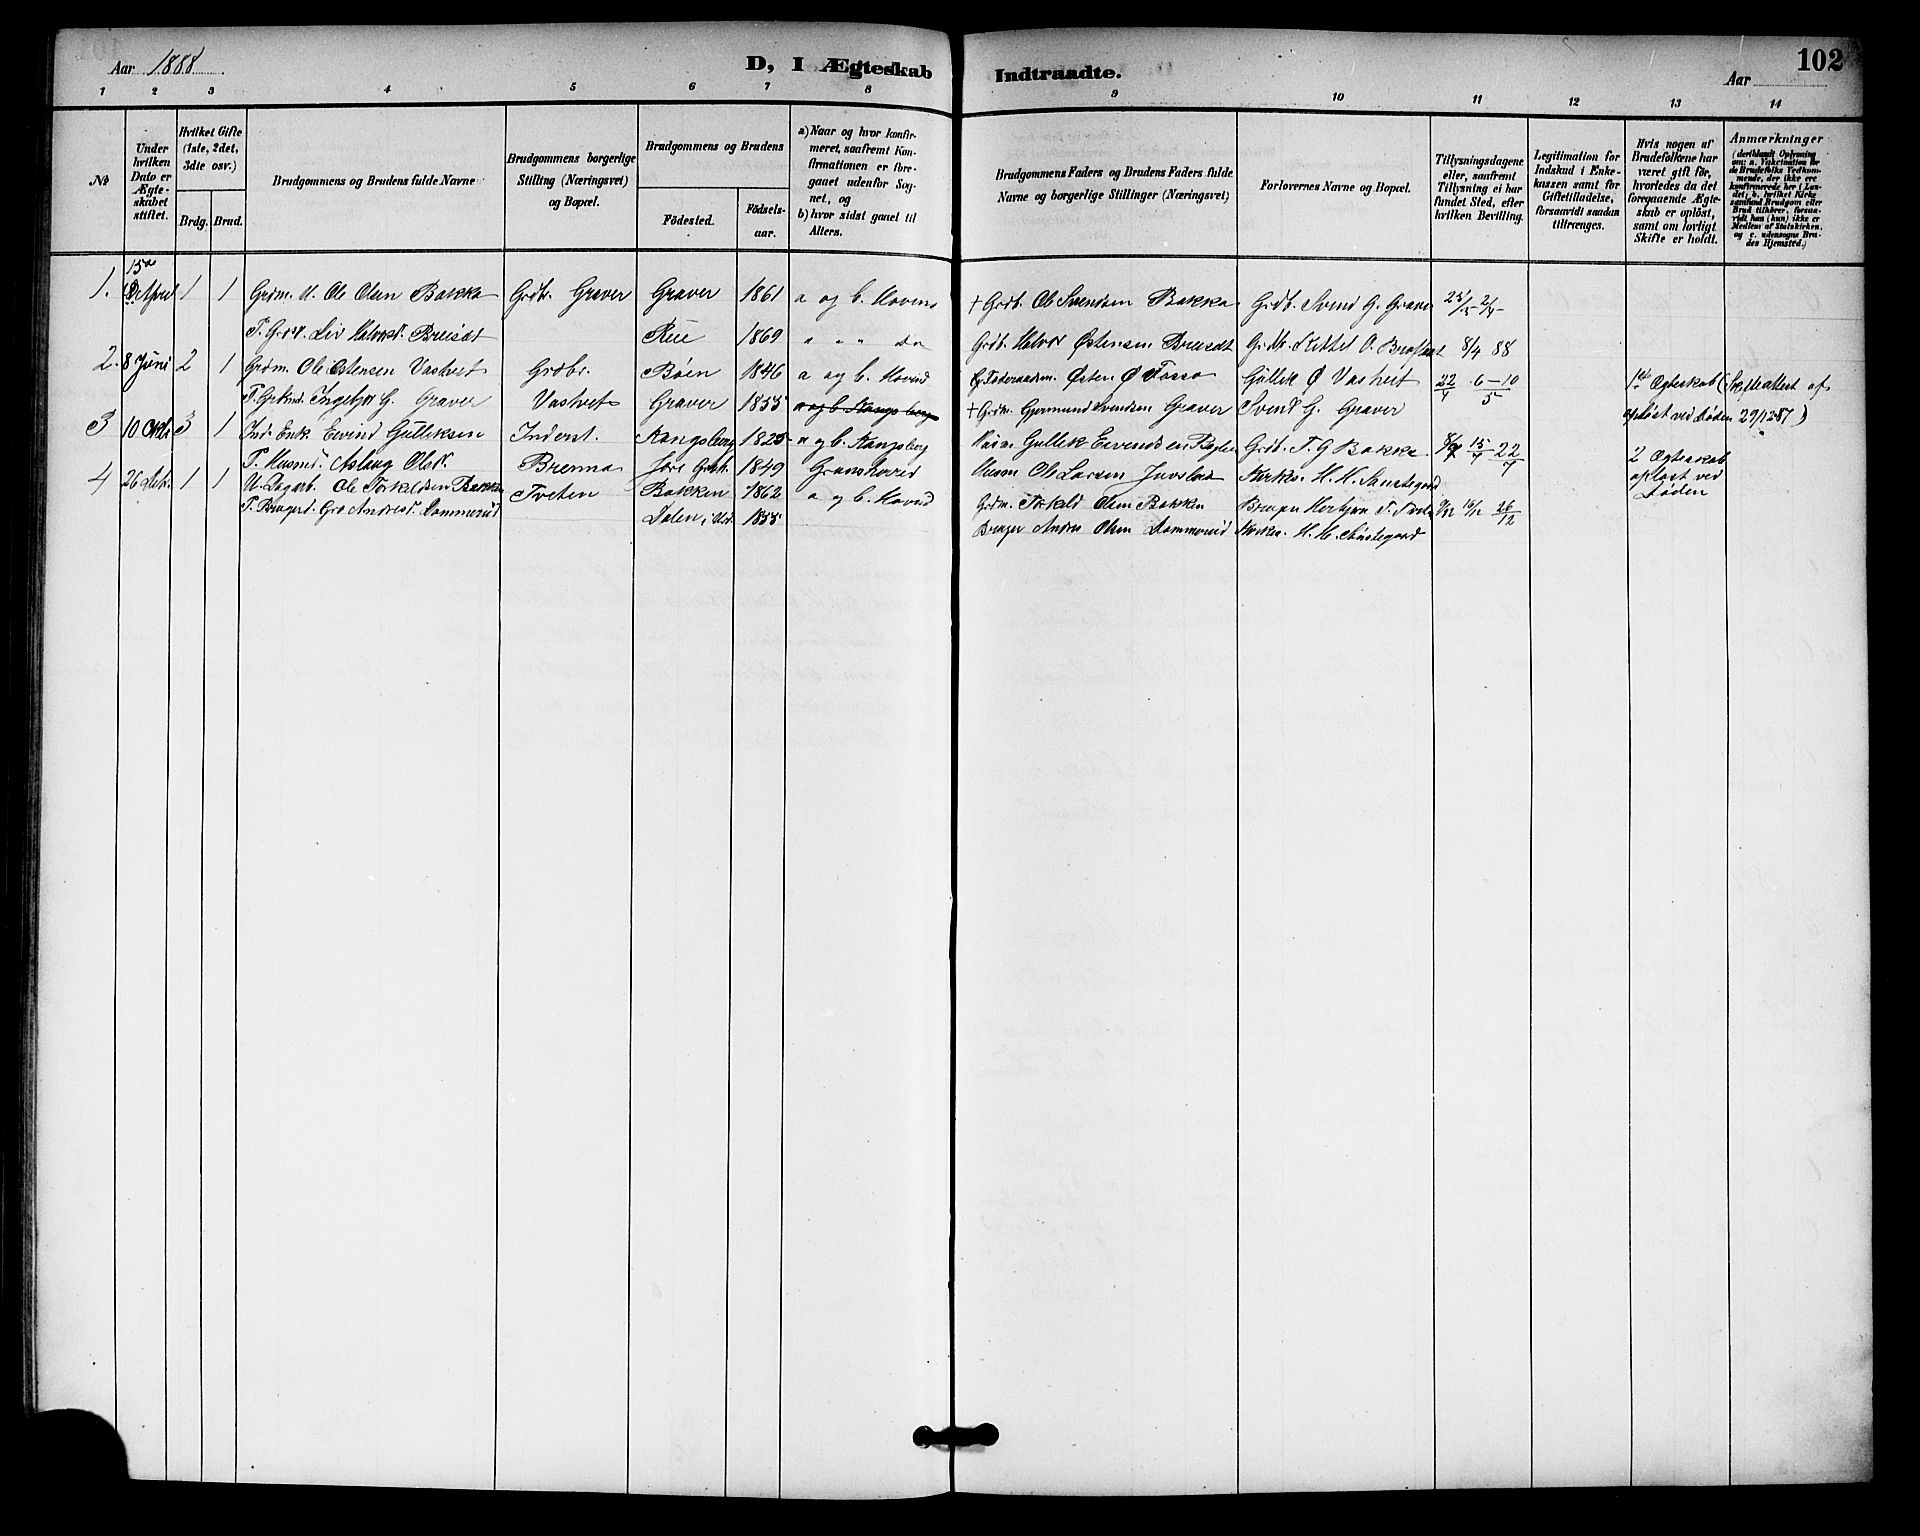 SAKO, Gransherad kirkebøker, G/Gb/L0003: Klokkerbok nr. II 3, 1887-1921, s. 102